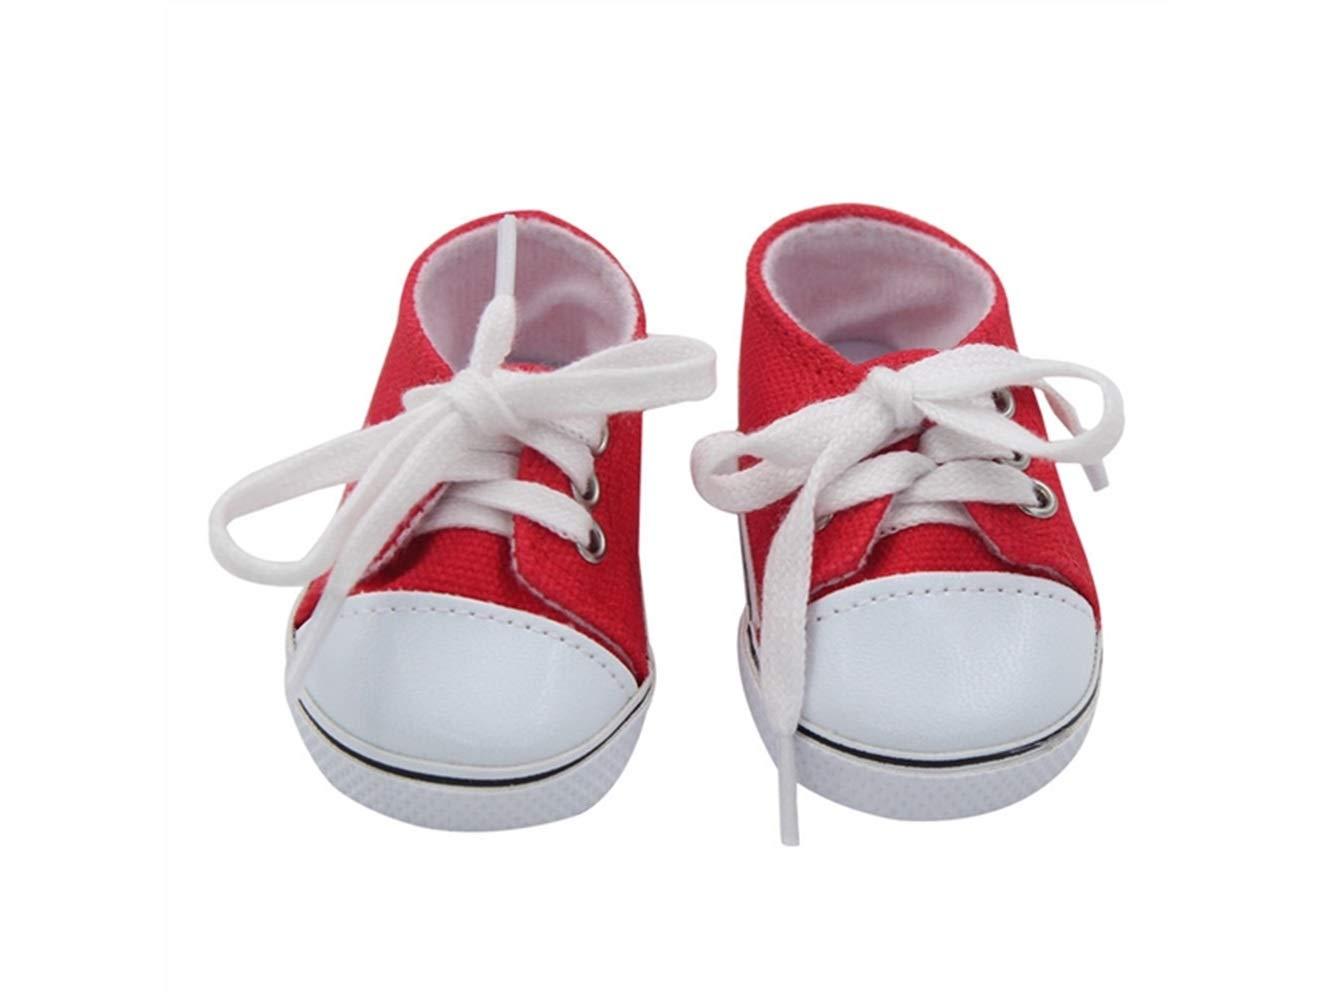 HFjingjing Moda 18 pollici American Girl Doll Lace-up scarpe di tela mini scarpe giocattolo bambola accessori (rosso) per decorare (Colore : Red, Dimensione : 7x3.6cm)